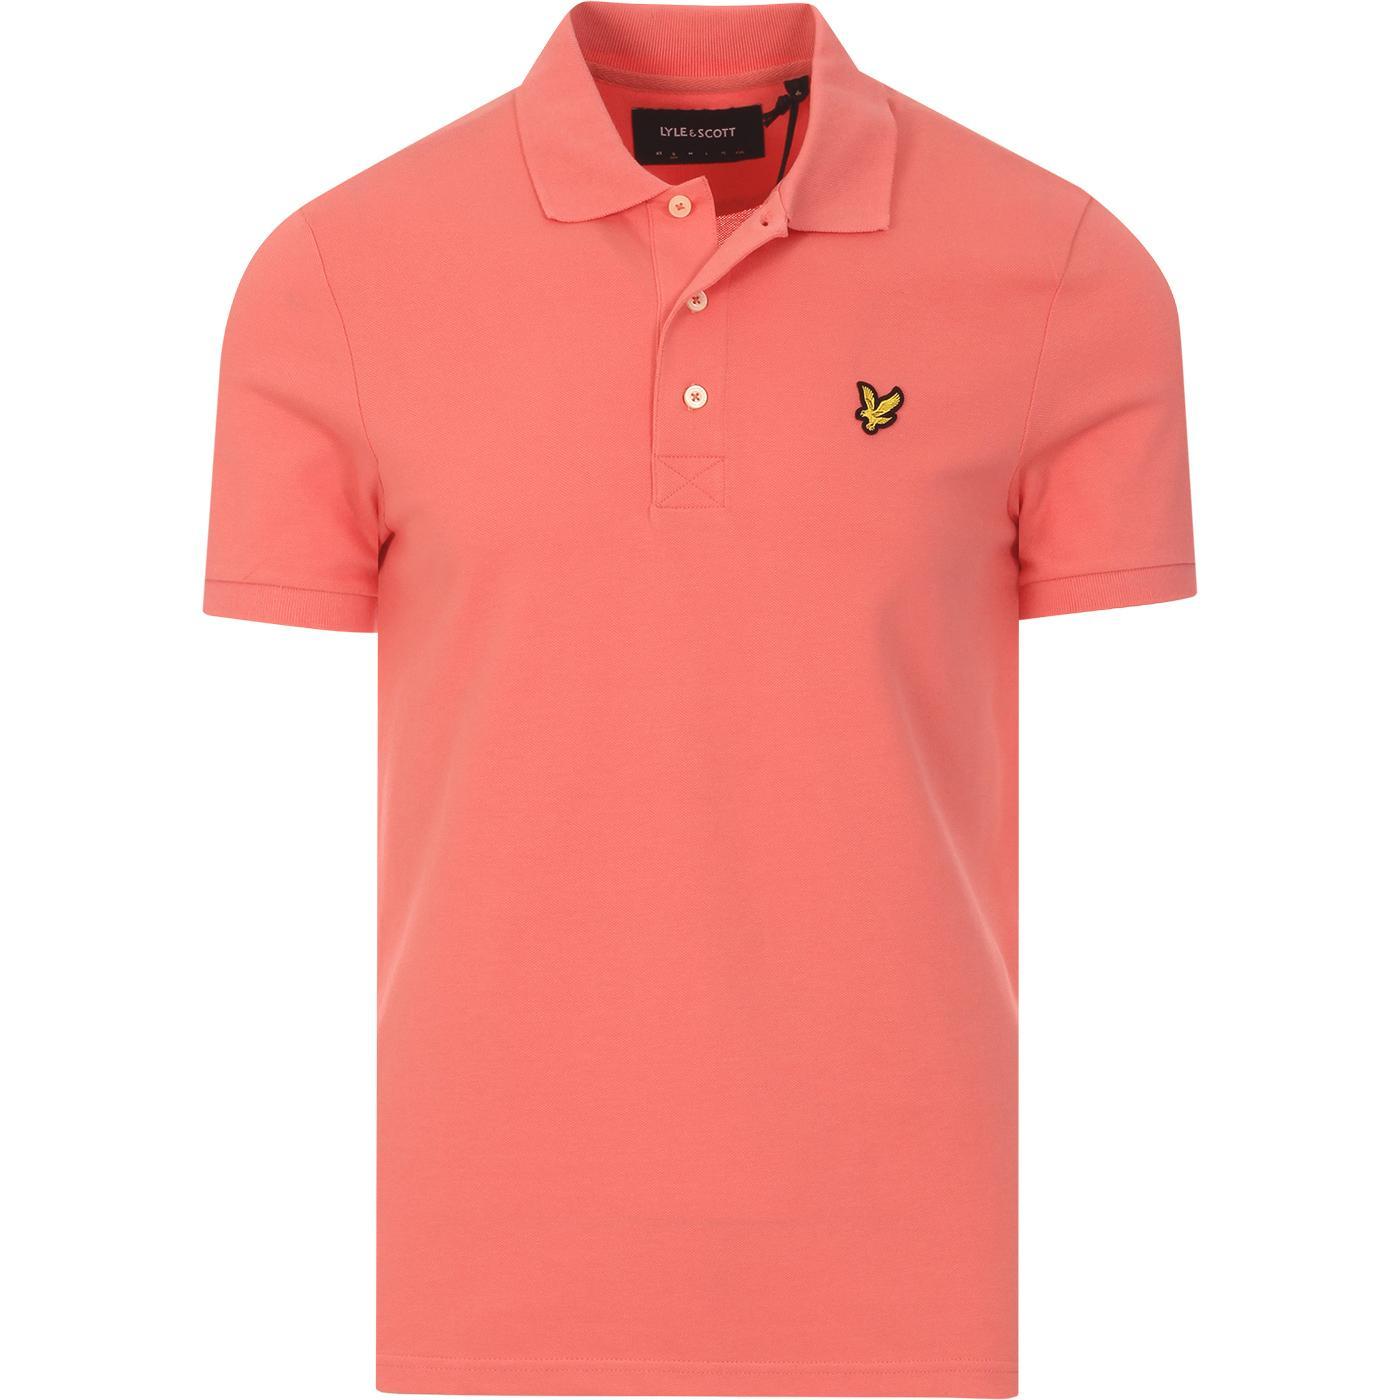 LYLE & SCOTT Mod Classic Pique Polo Shirt (PP)